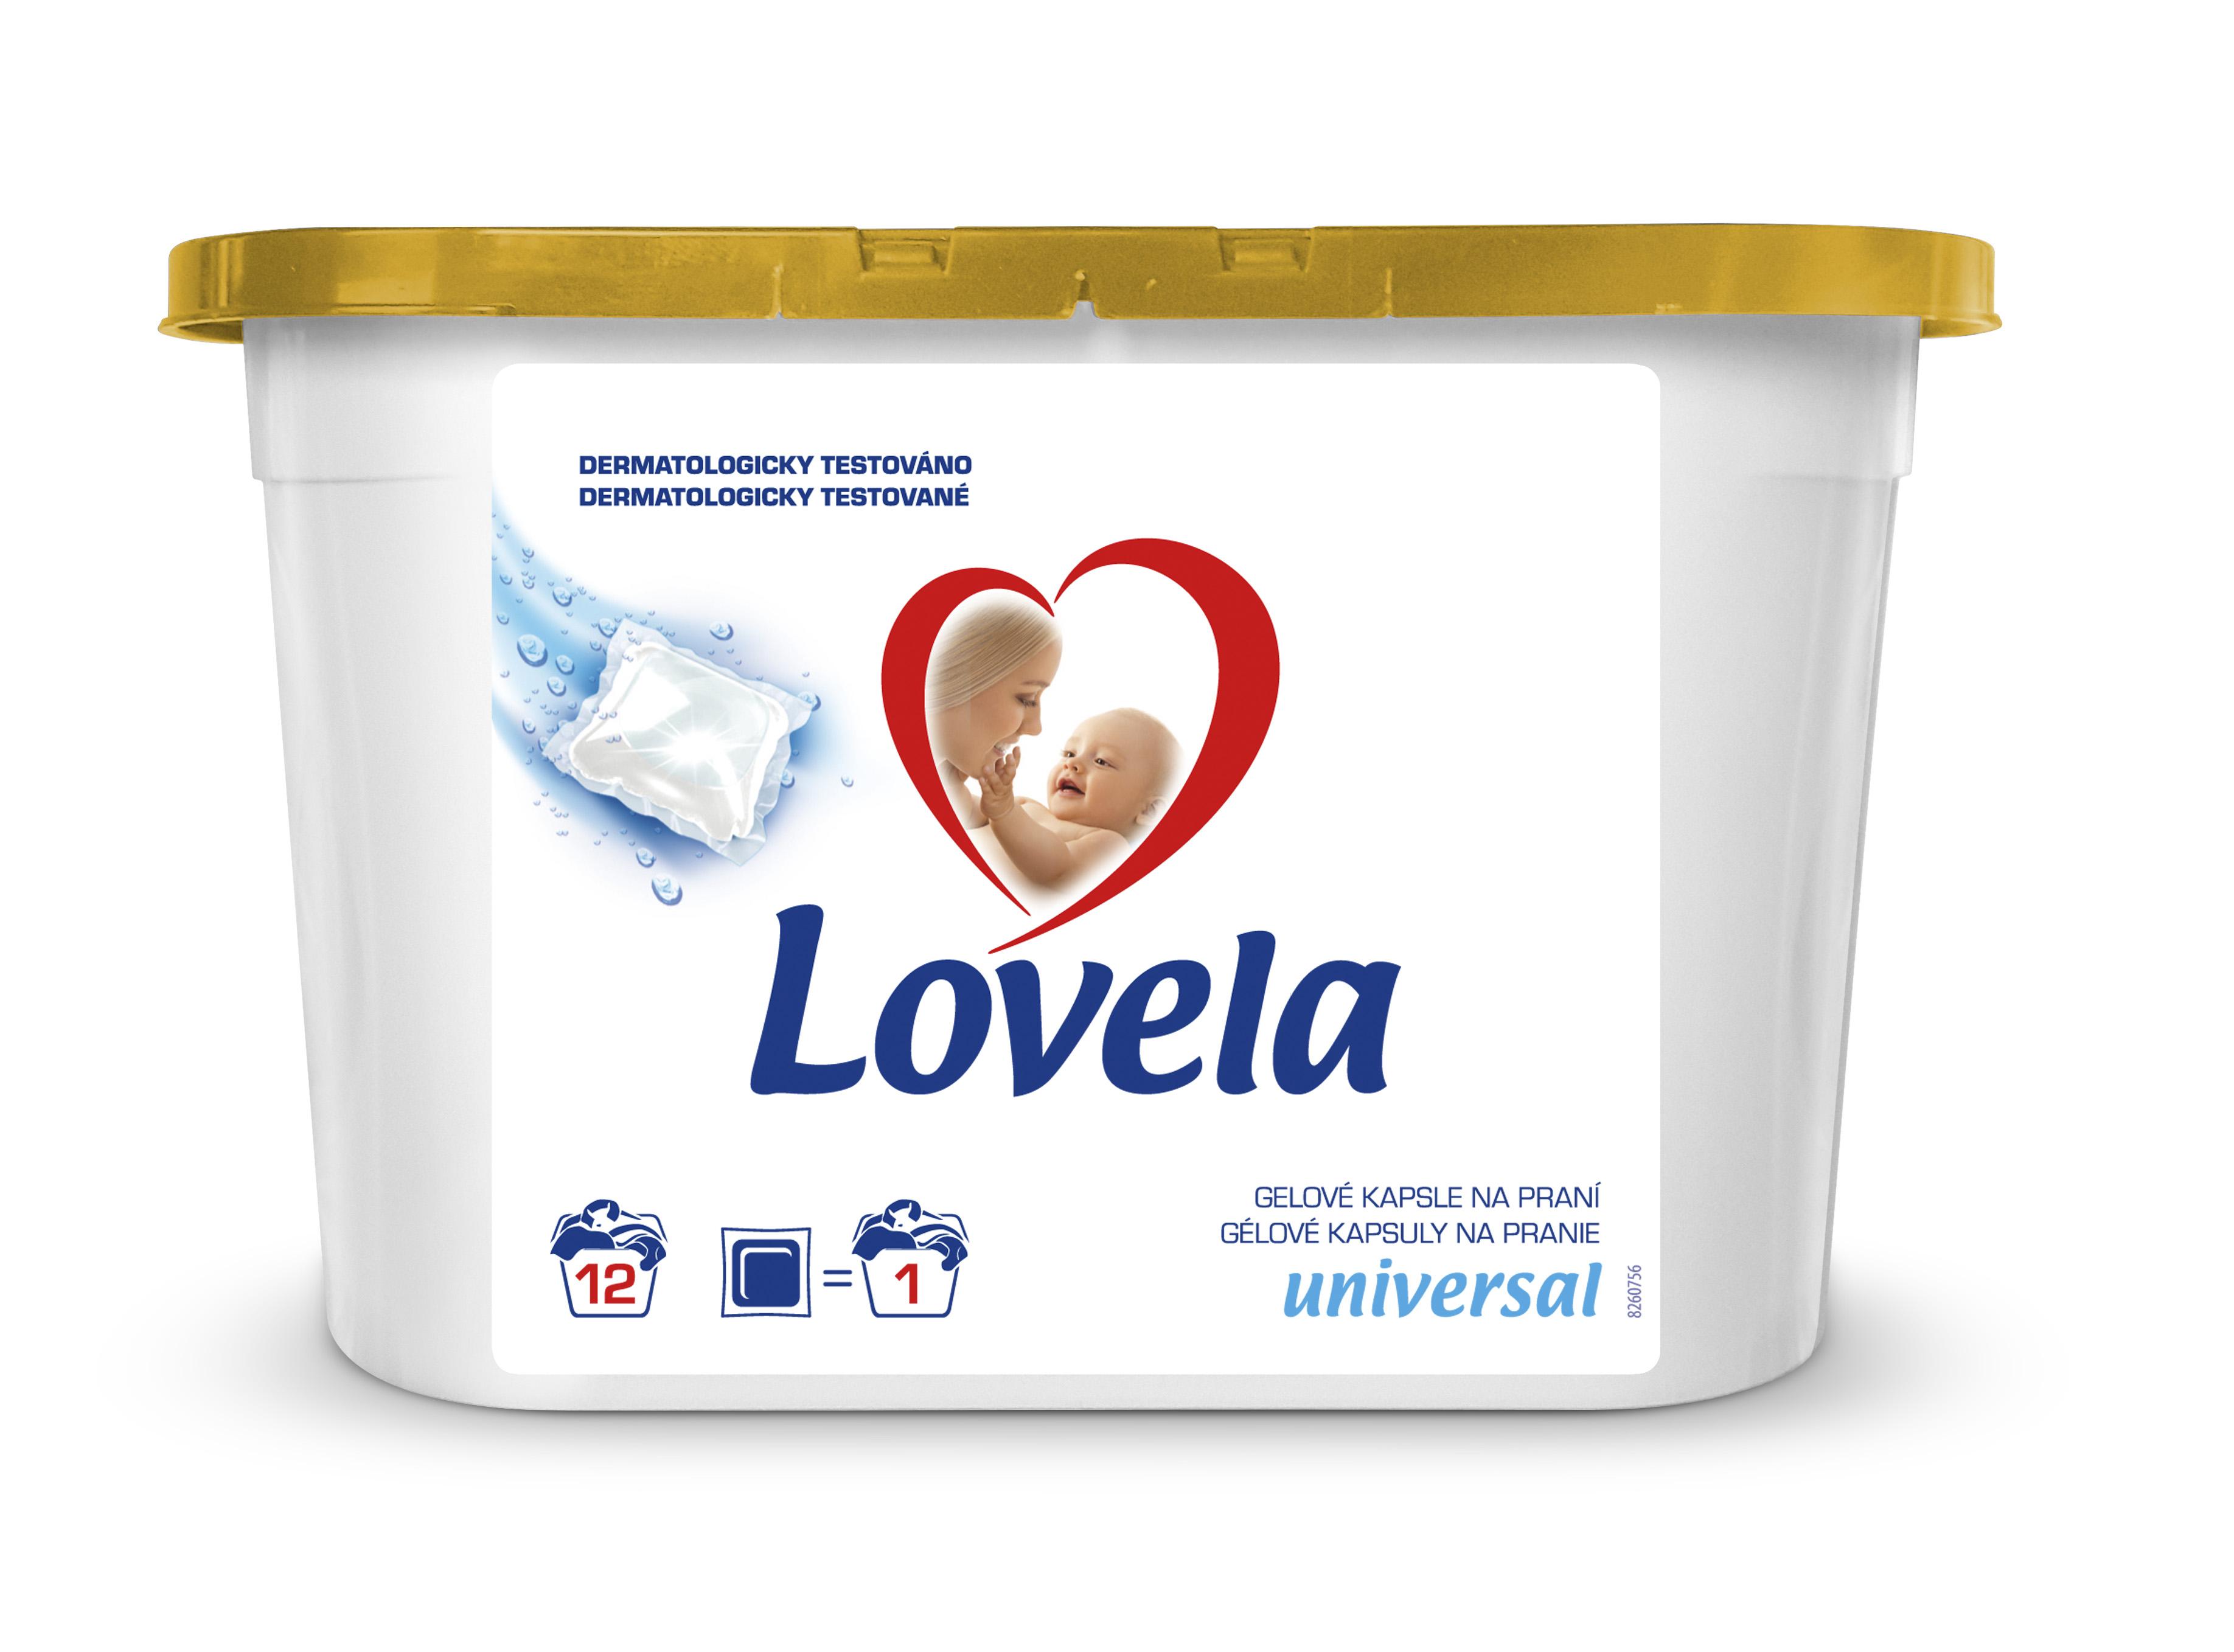 Lovela gelové kapsle, 12 praní 12 ks